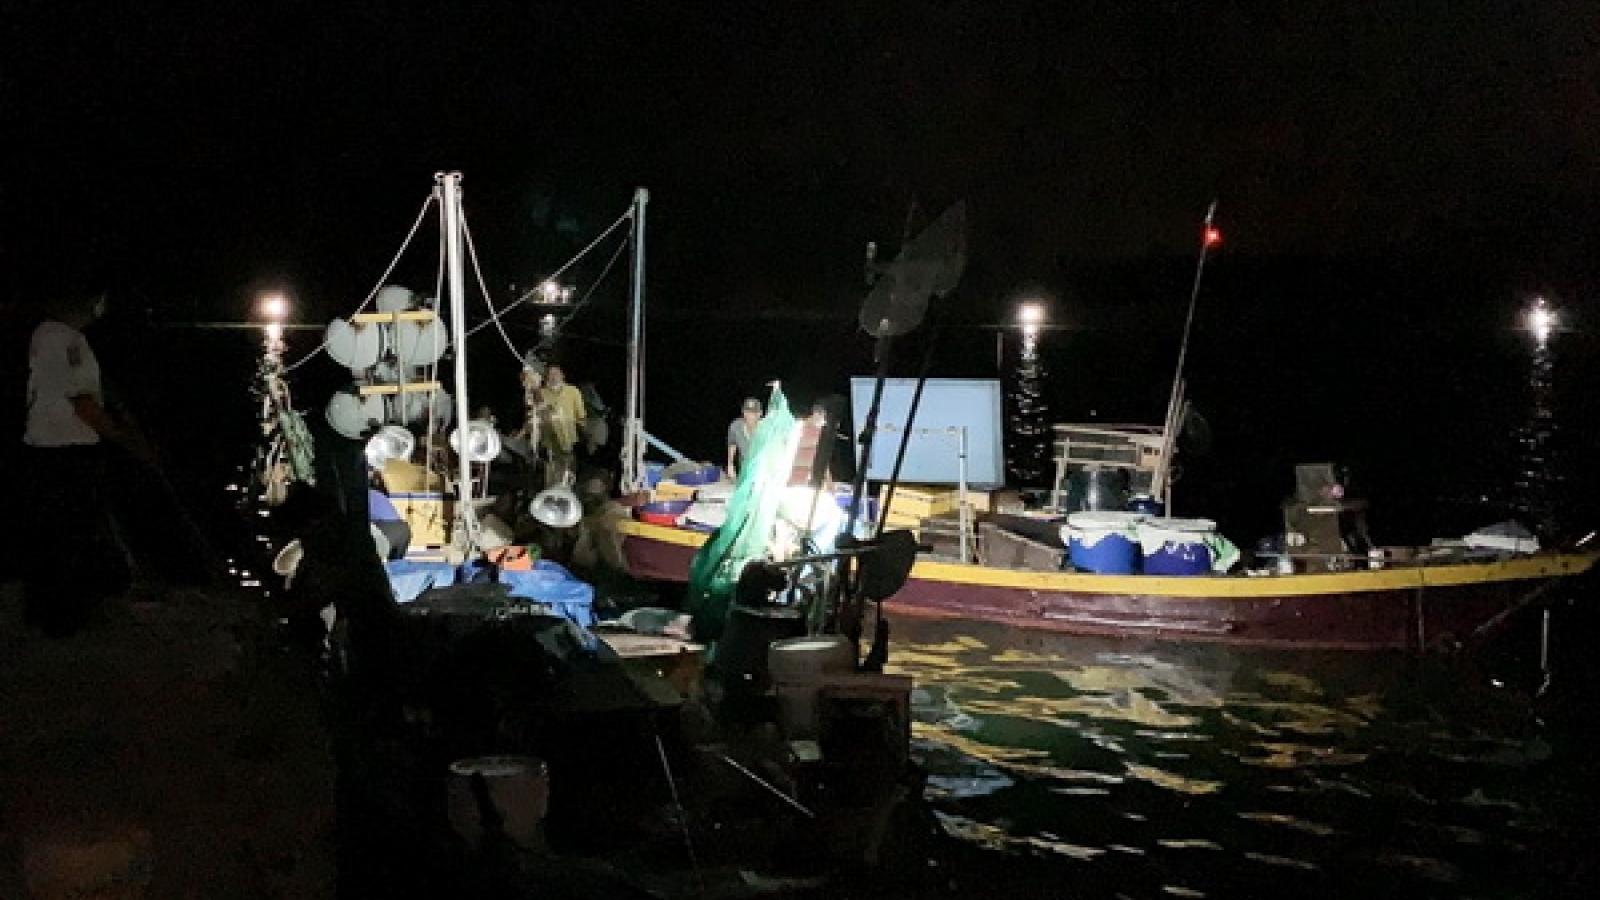 Bắt 5 tàu cá khai thác thủy hải sản trái phép tại vùng biển ven bờ TP Hội An